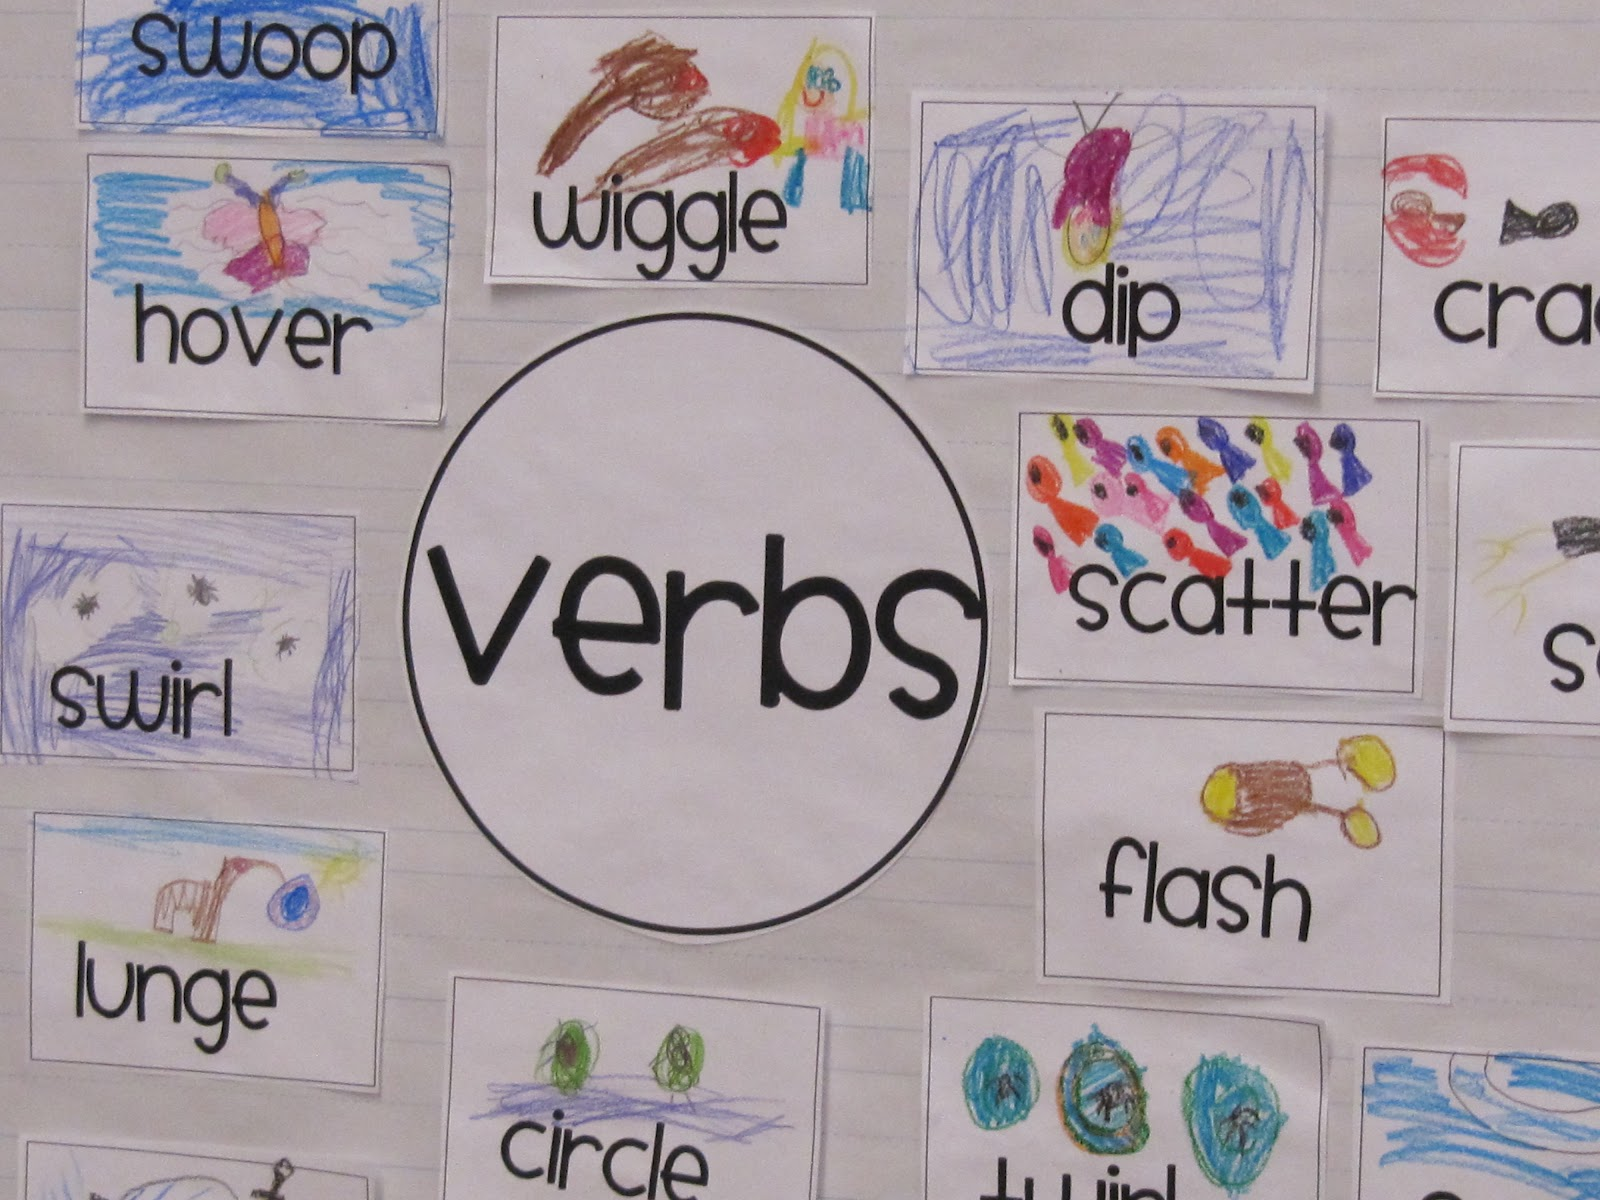 vet - Dictionary Definition : Vocabulary.com